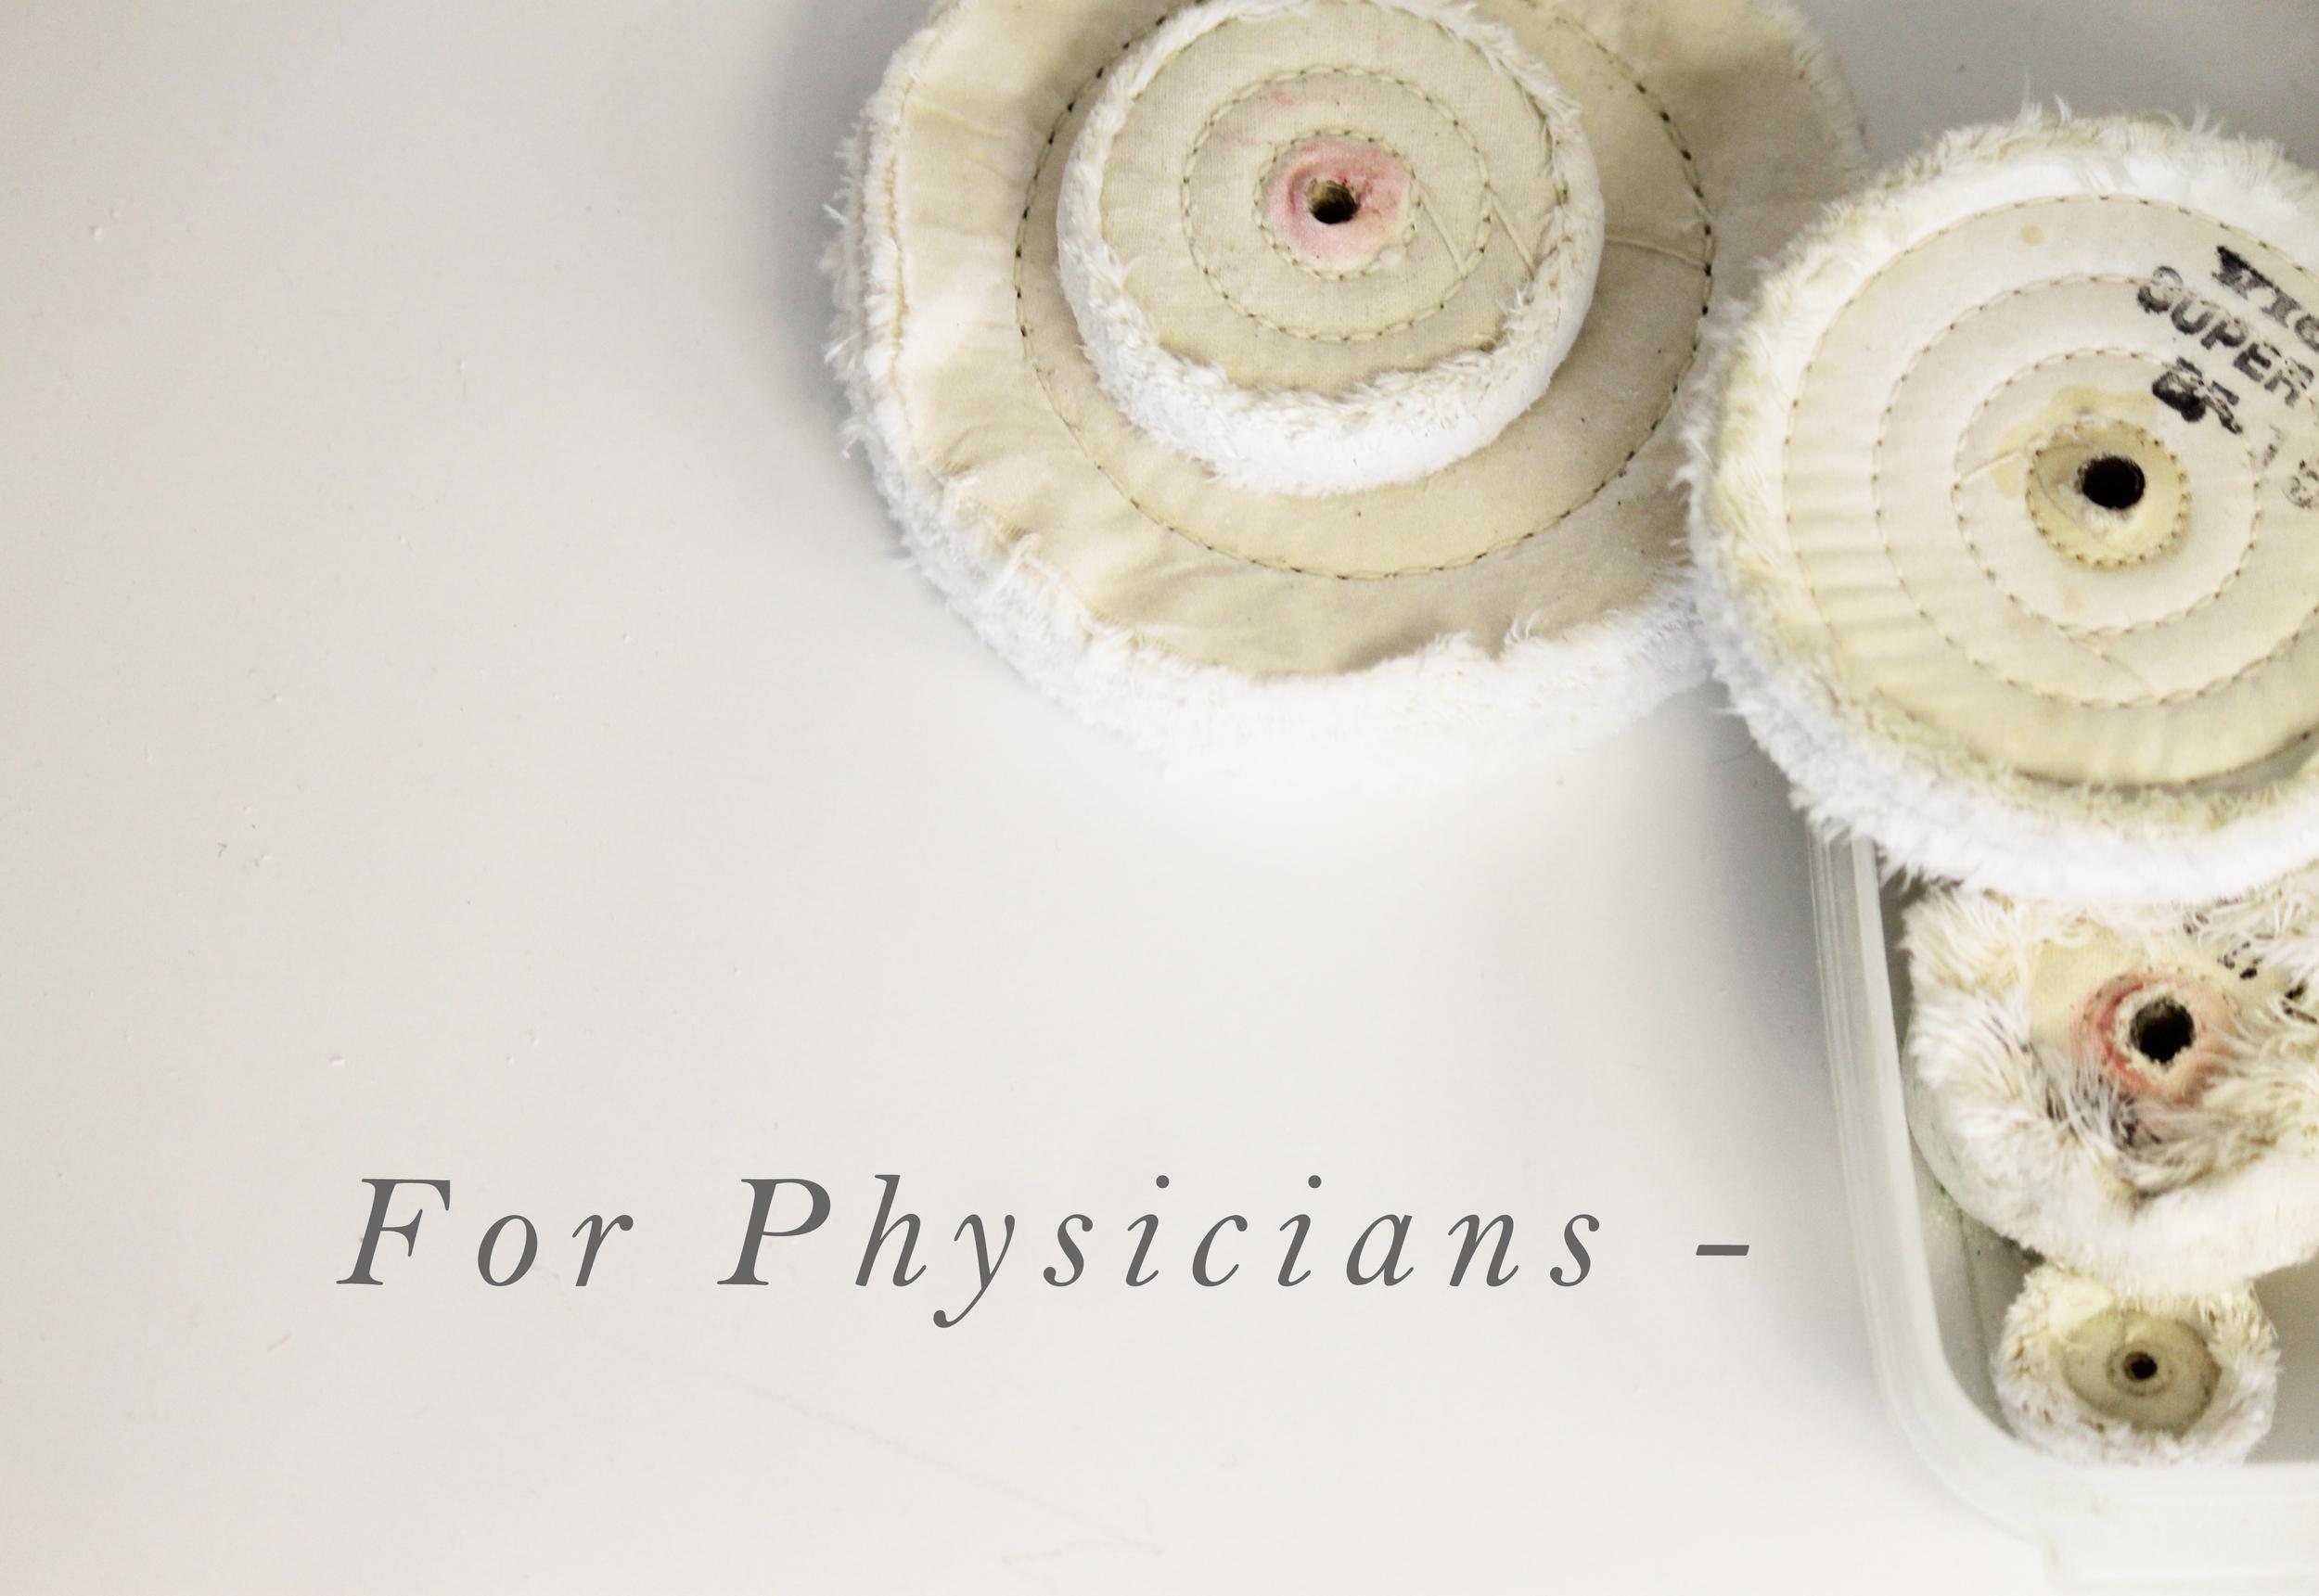 For Physicians.jpg